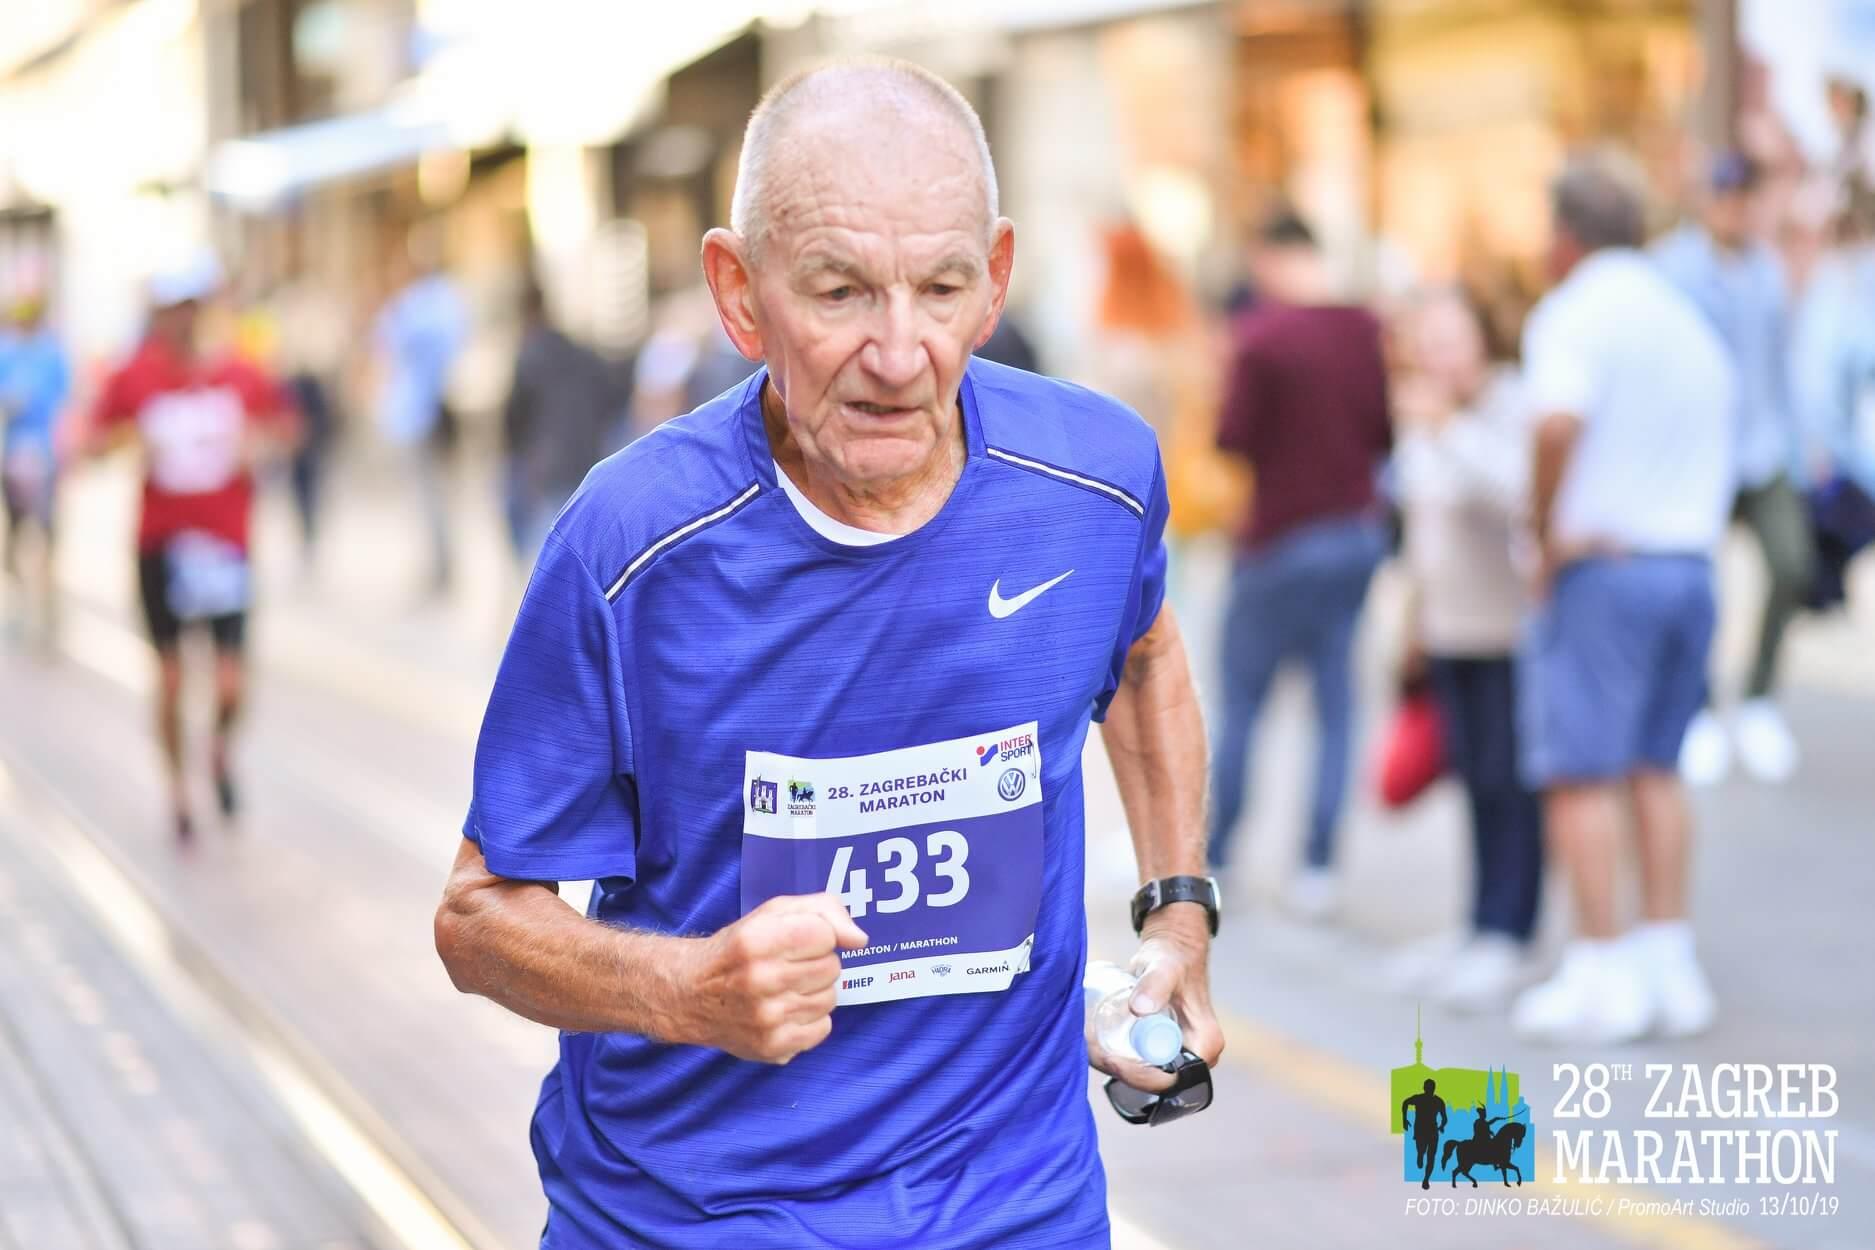 Ovaj gospodin ima 83 godine. Istrčao je Zagrebački maraton za pet sati!